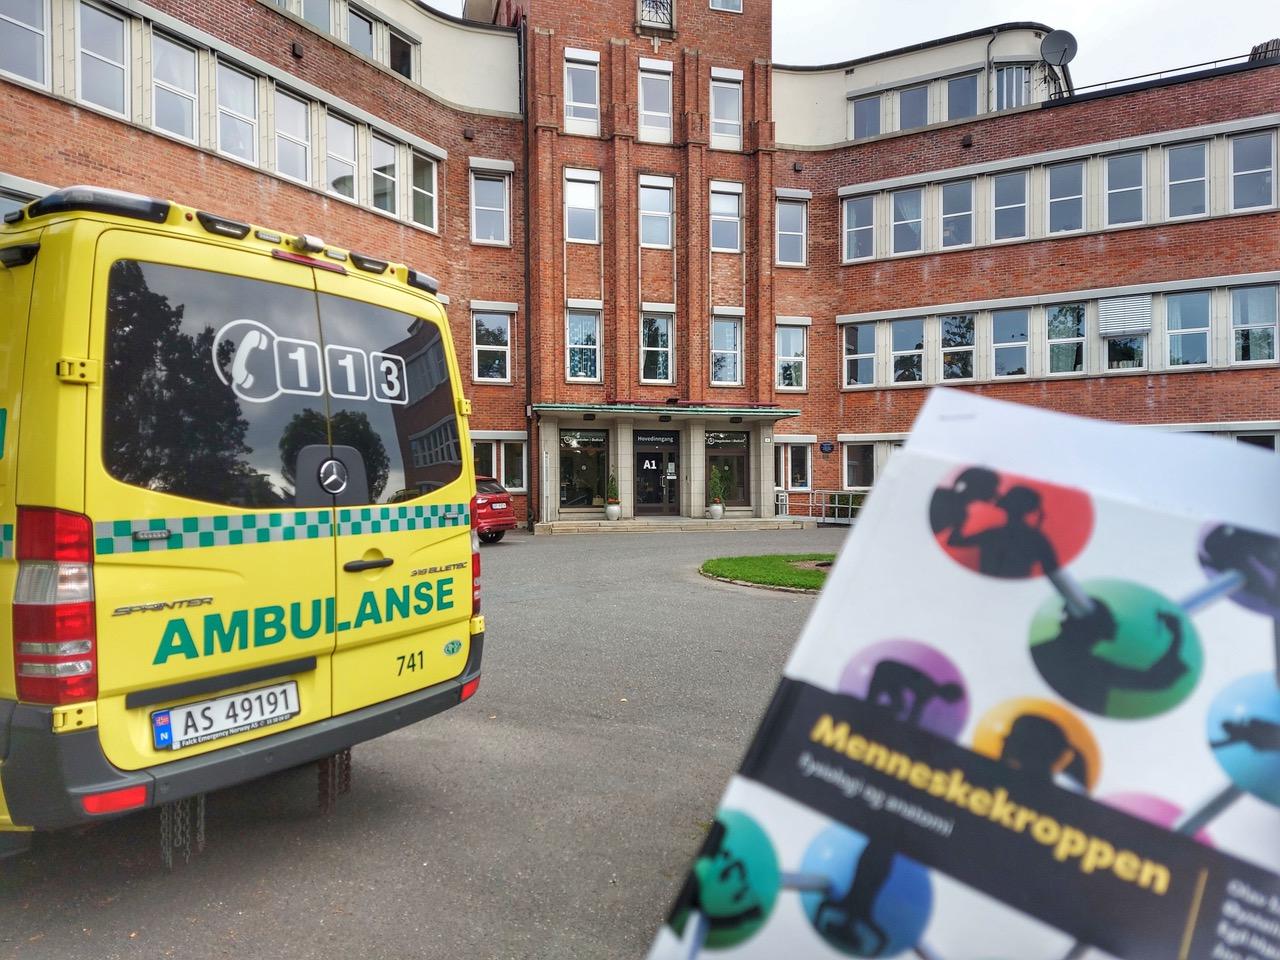 Høgskolen i Østfold har hatt 60 studiepoengs paramedic-utdanning i 15 år. Nå er den på is. I år har de startet bachelor i paramedisin. Foto: Therese Fostervold Mathisen